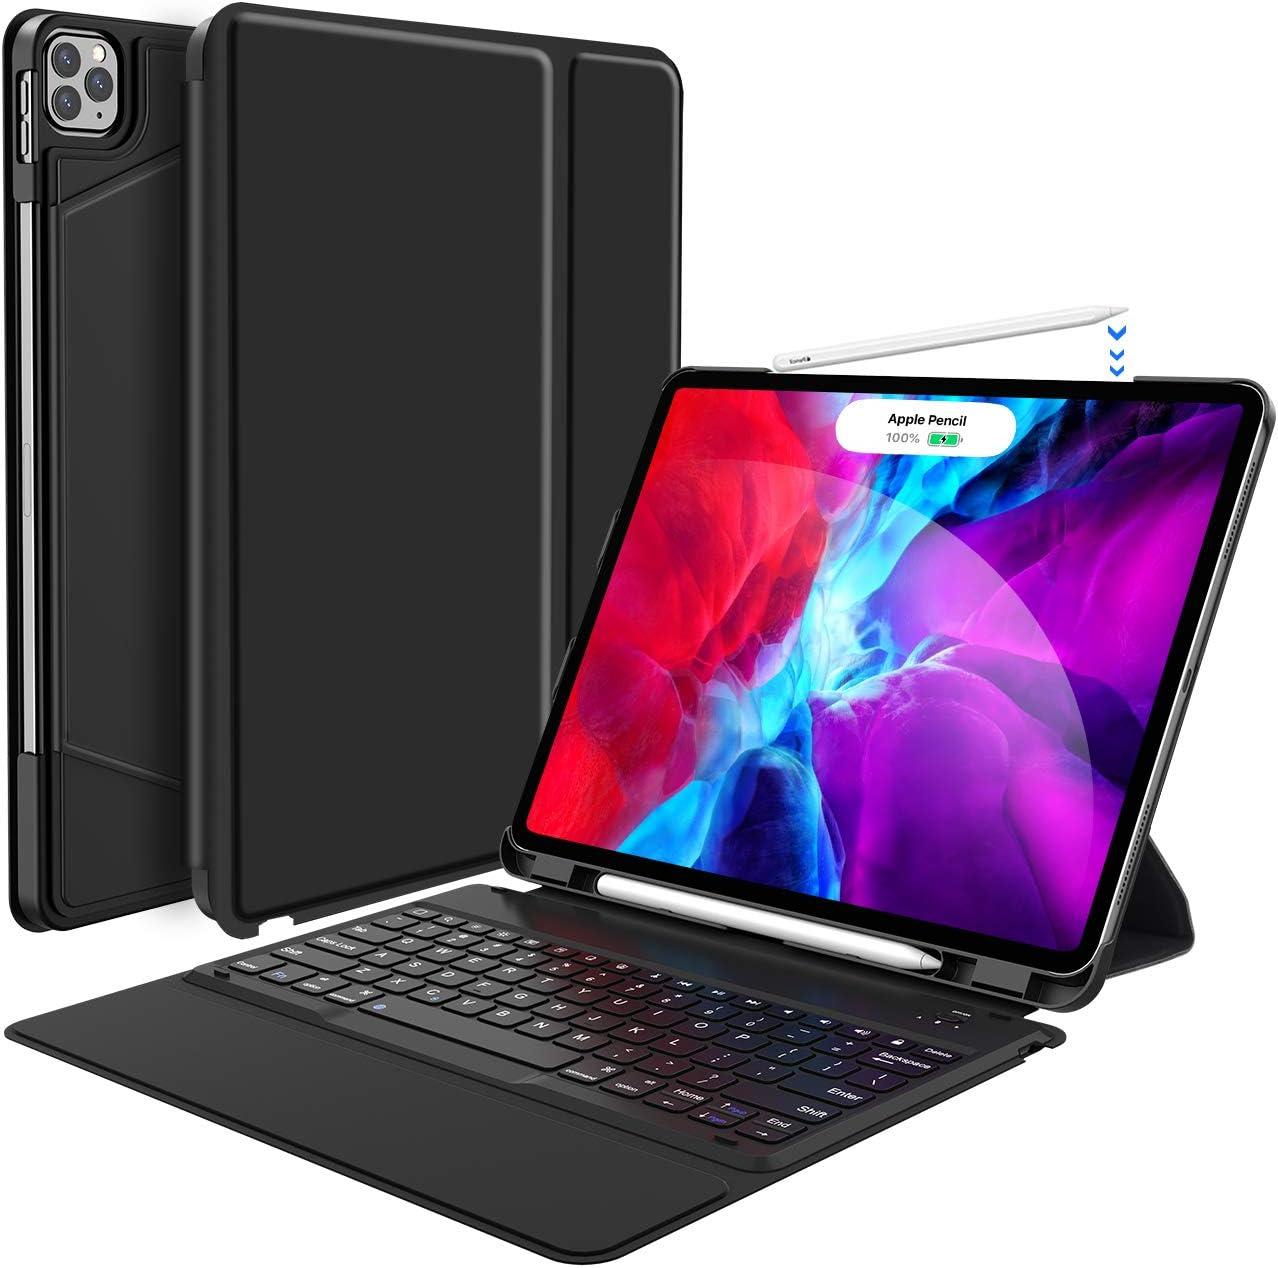 Keyboard Case for iPad Pro 12.9 2020-4th Gen/ 2018 3rd Gen, One-Piece Wireless Keyboard - Ultra-Slim - Auto Wake Sleep - iPad Pro 12.9 Case with Keyboard - Compatible with Apple Pencil, Black